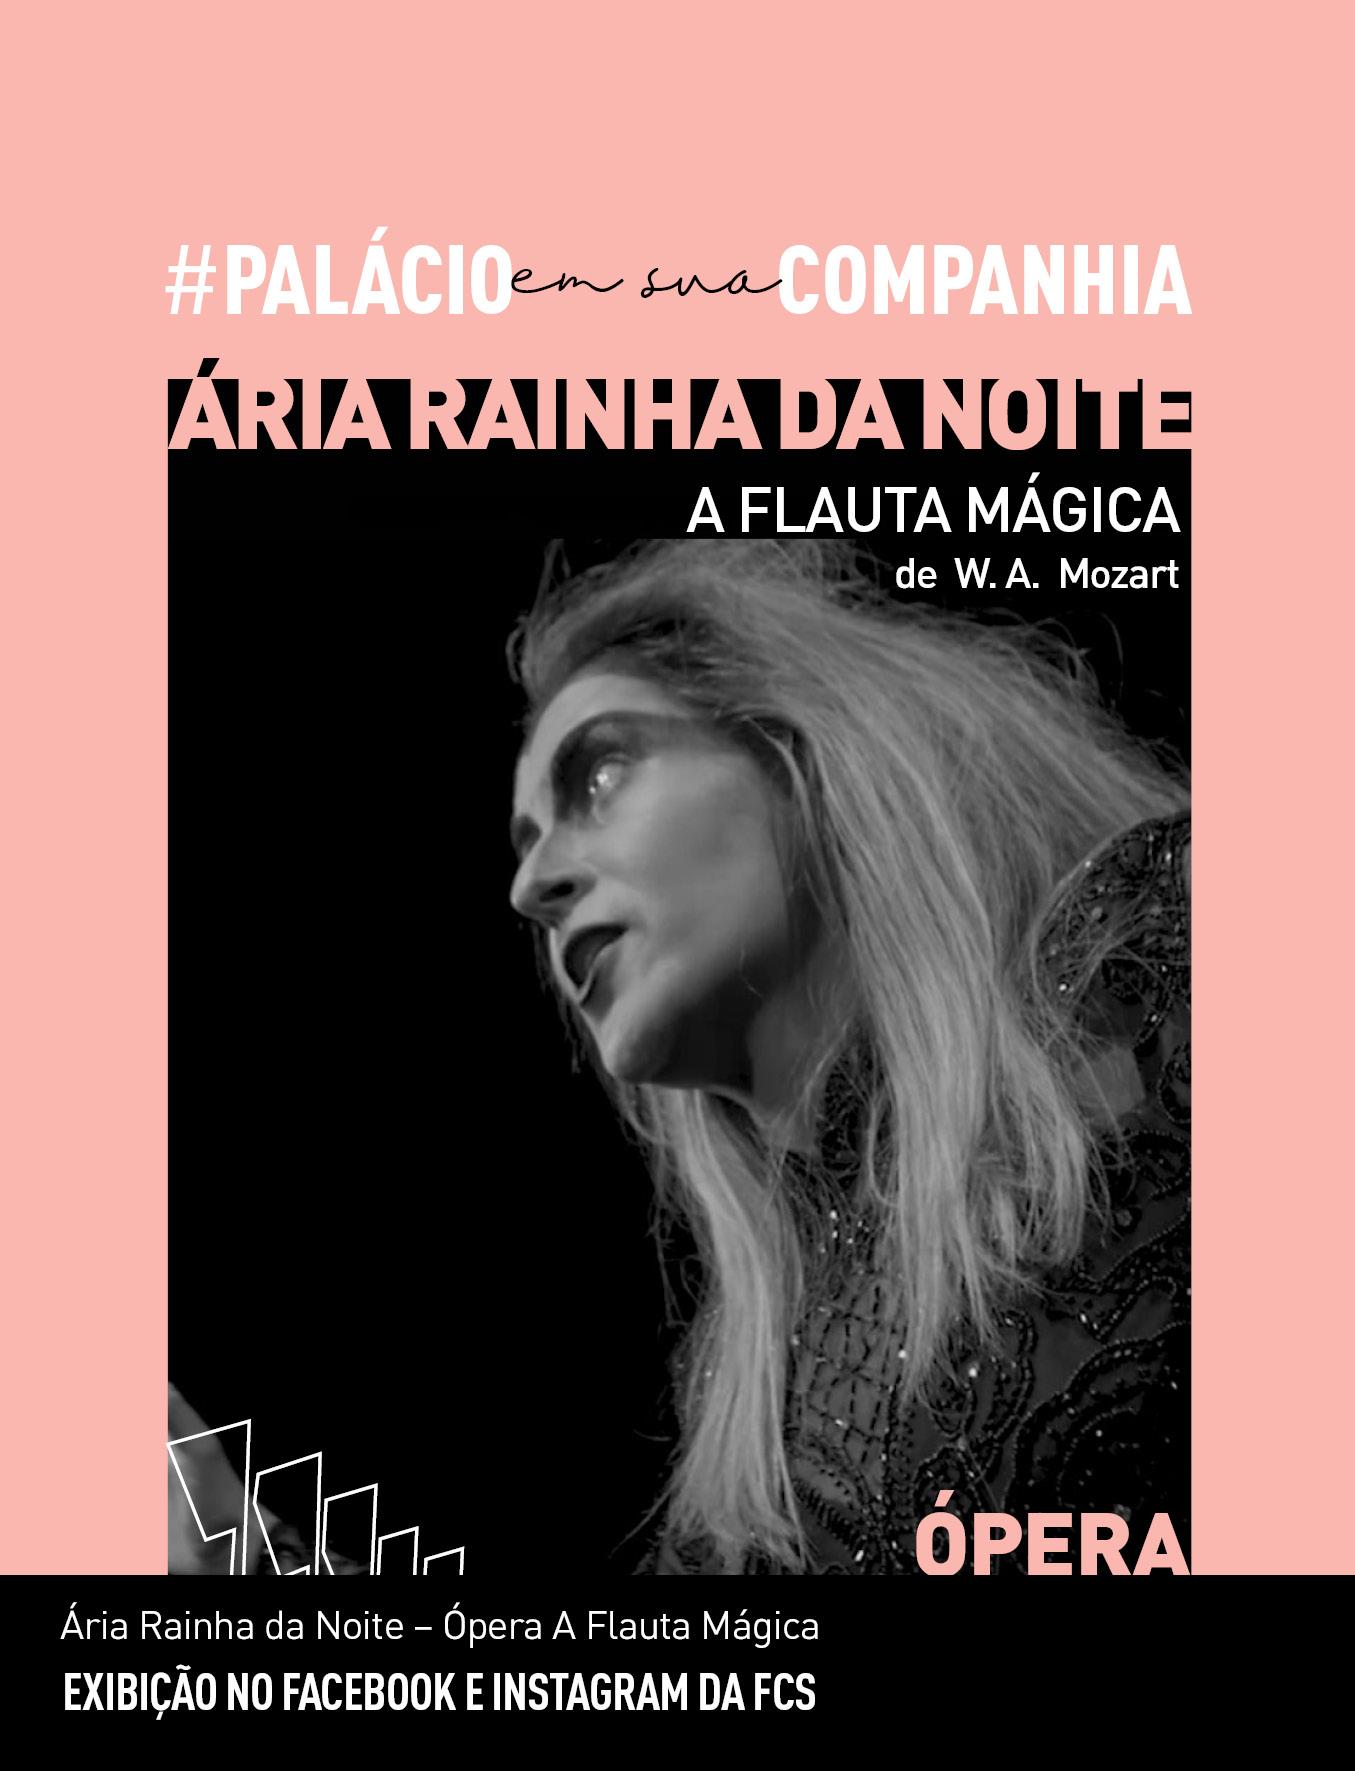 Evento: Famosa ária da ópera A Flauta Mágica  é destaque do novo vídeo do #palacioemsuacompanhia